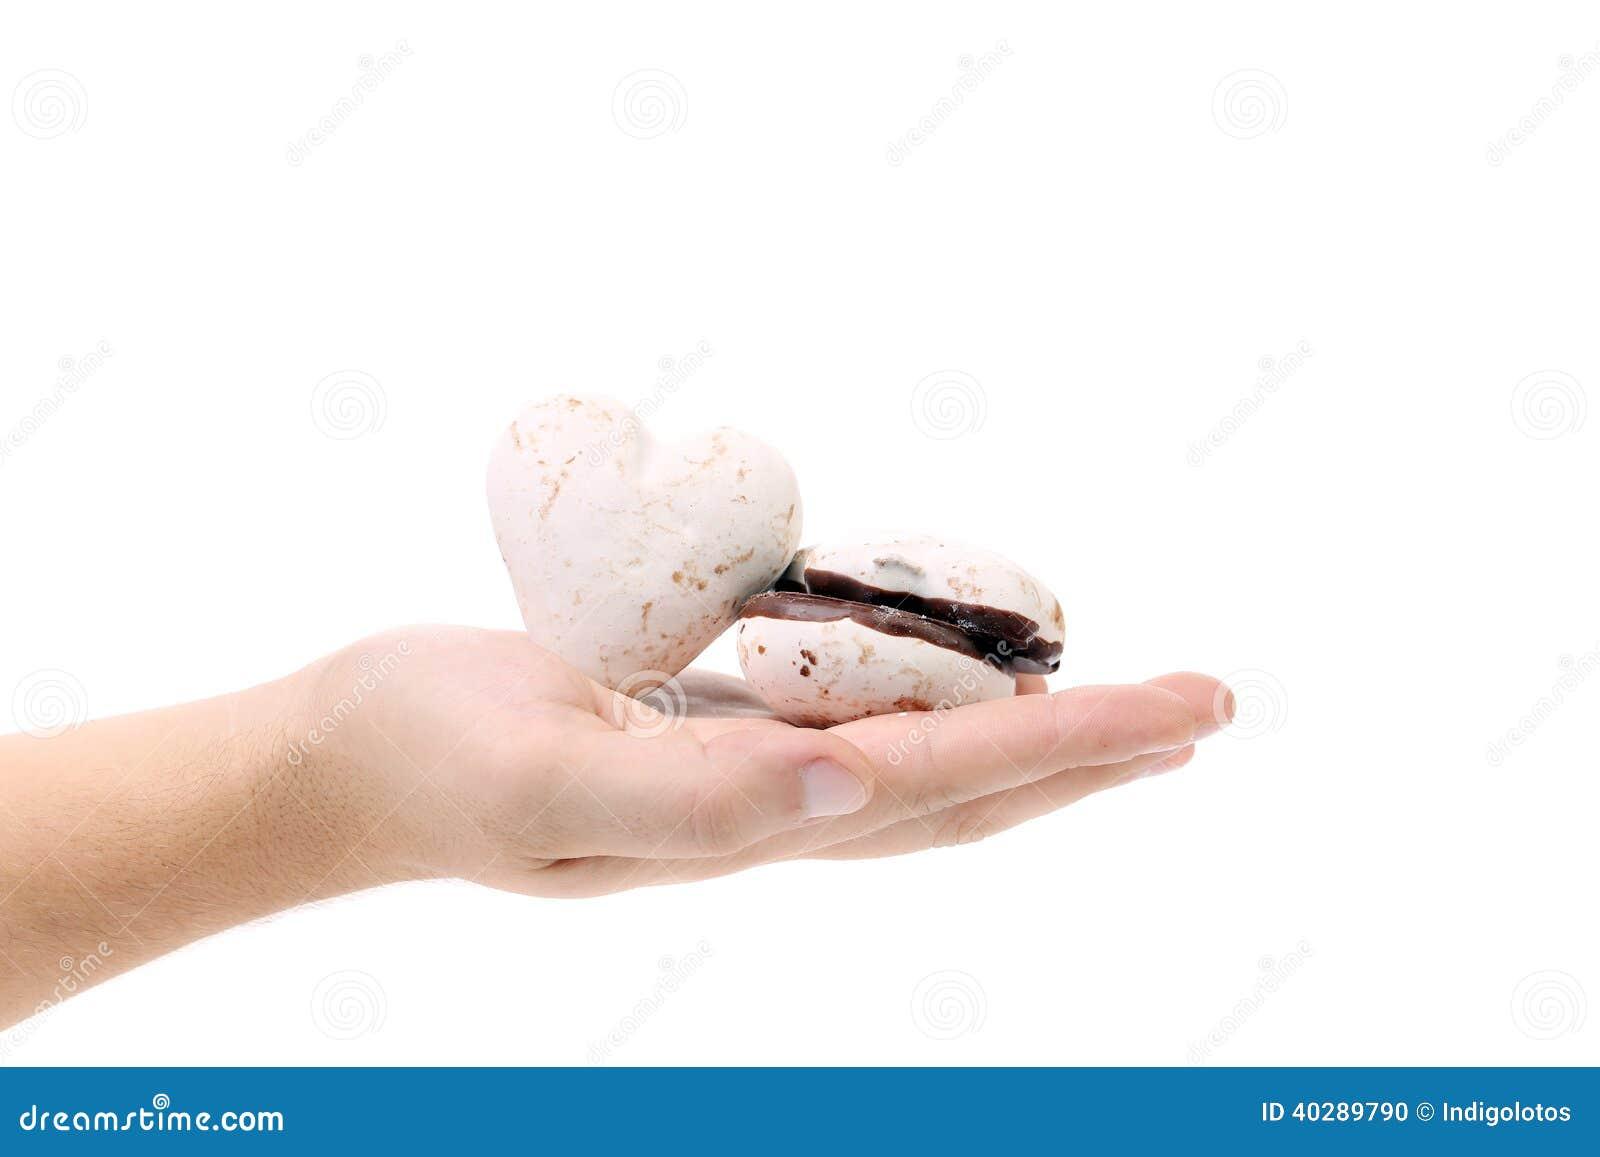 Рука держит печенья сформированные сердцем.